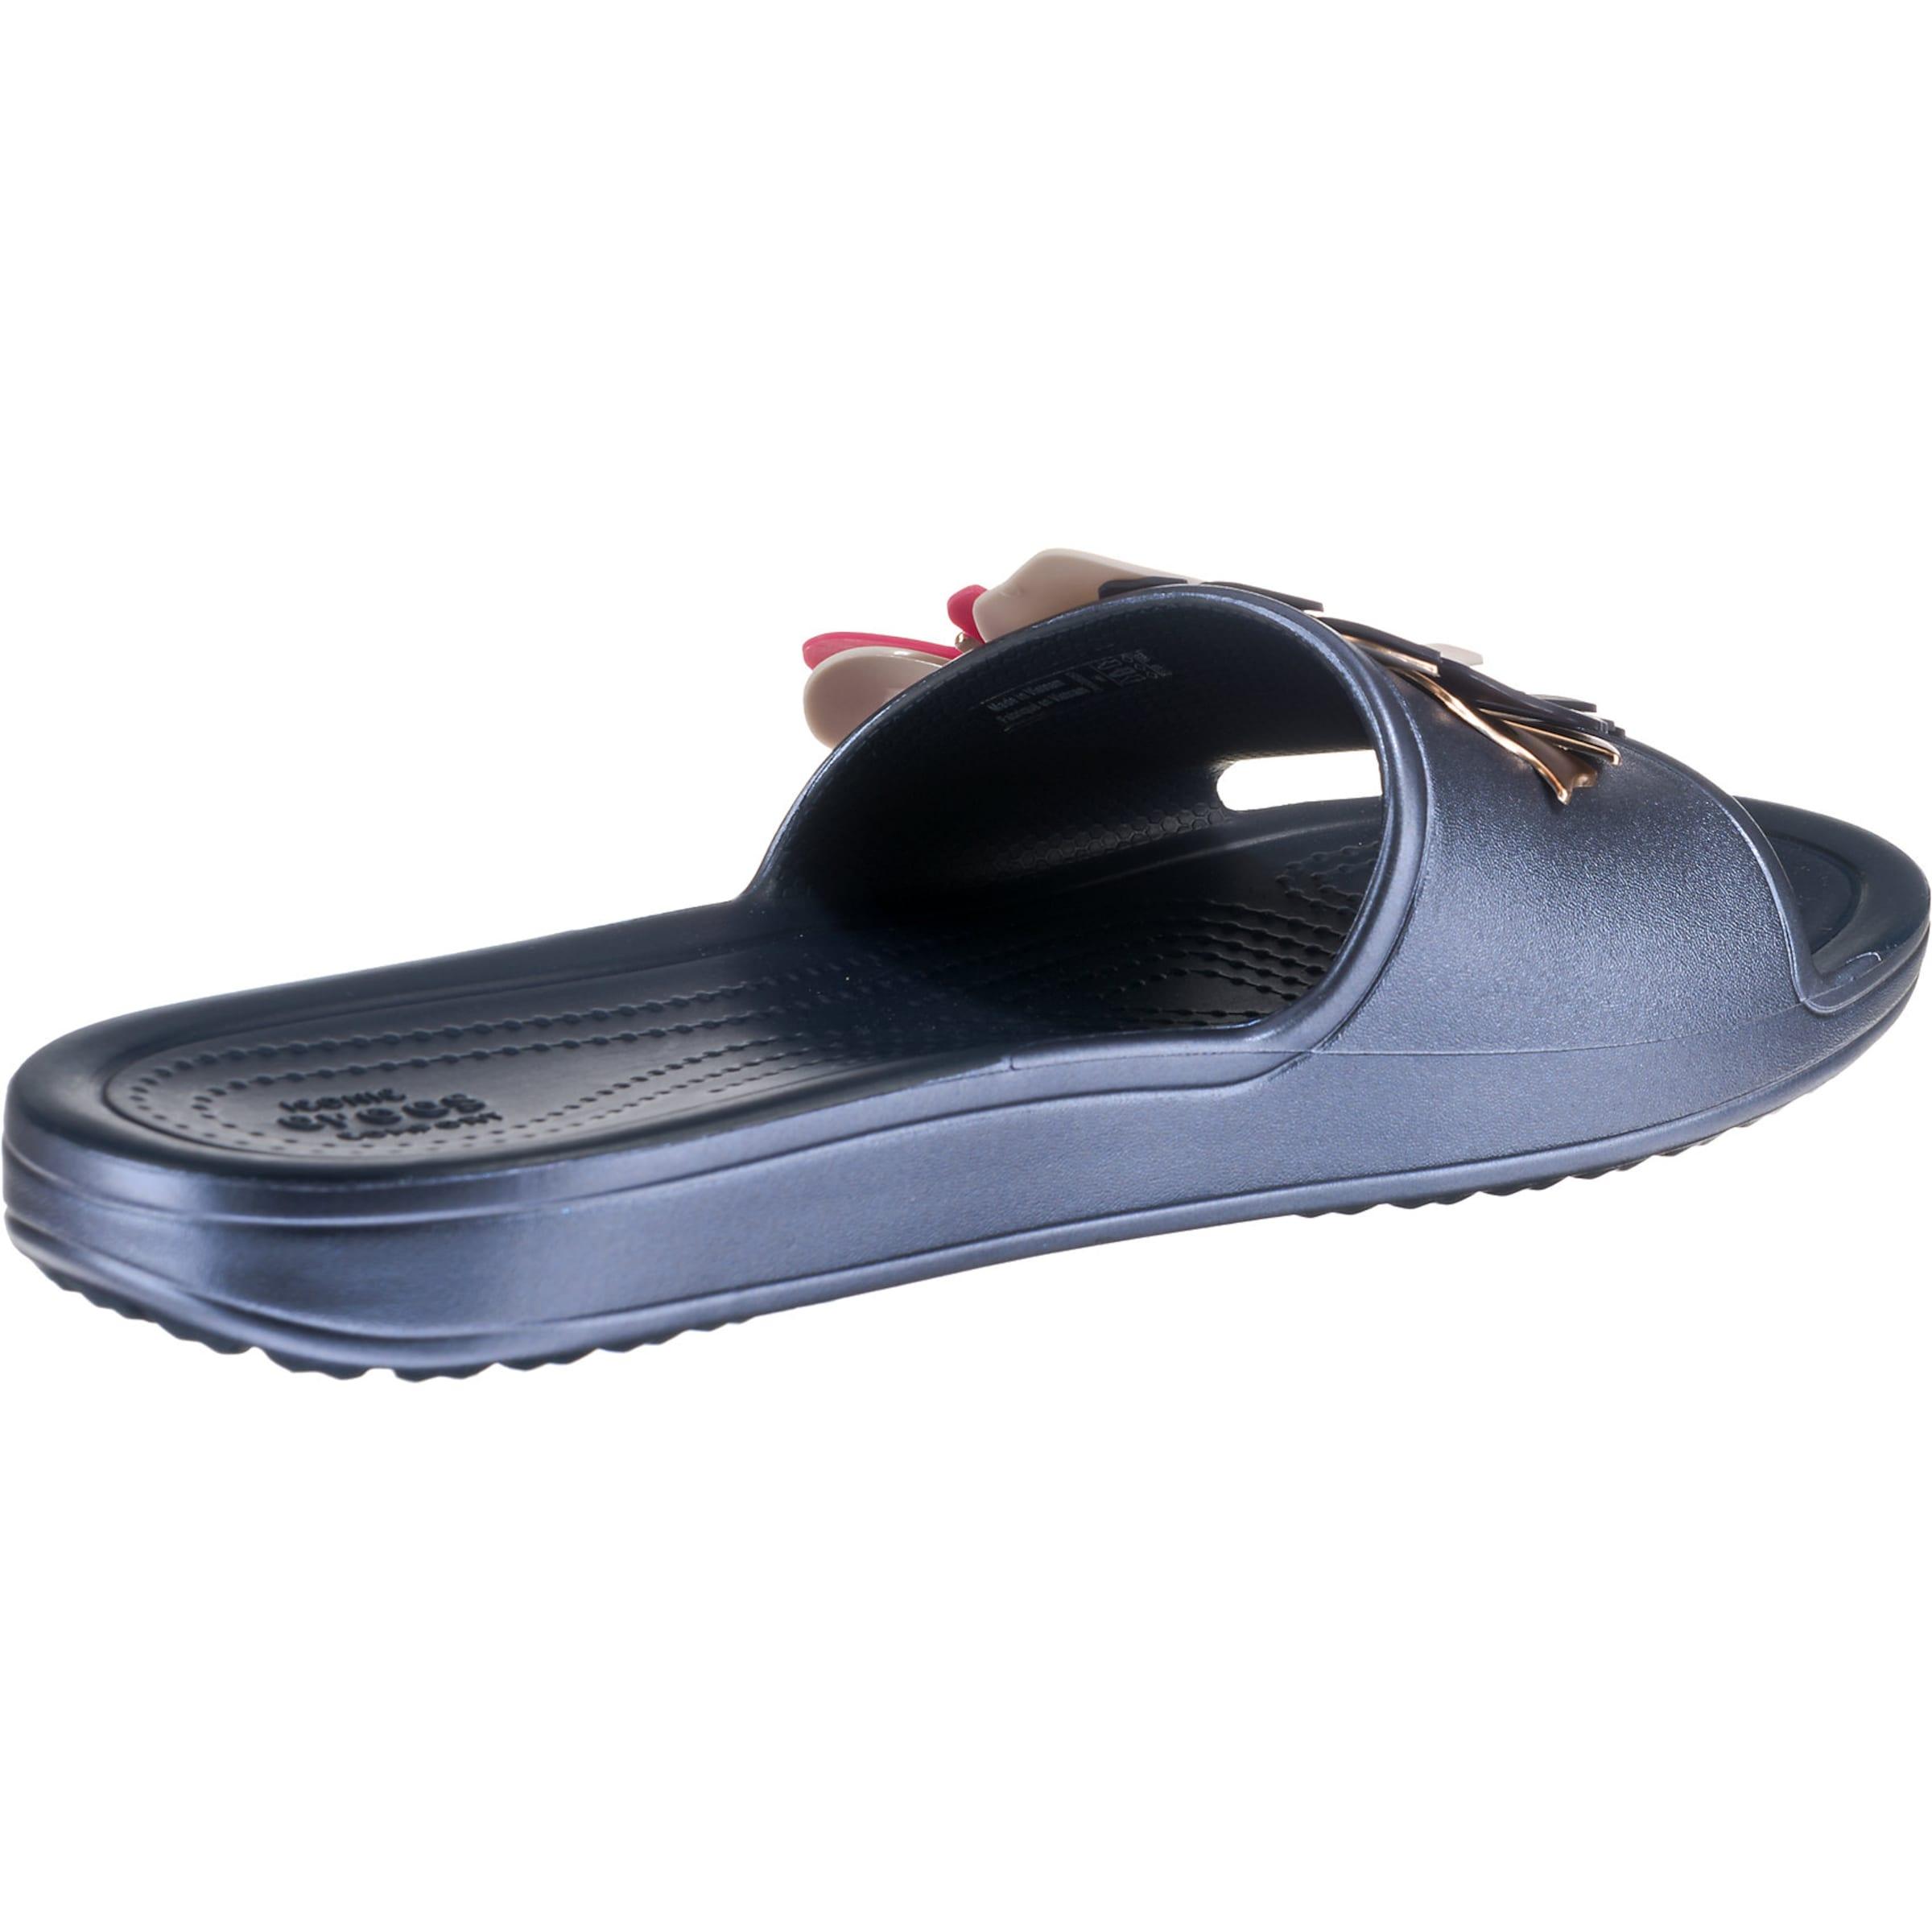 In 'sloane' Crocs Slides Crocs NavyPink I7Yfgvmb6y